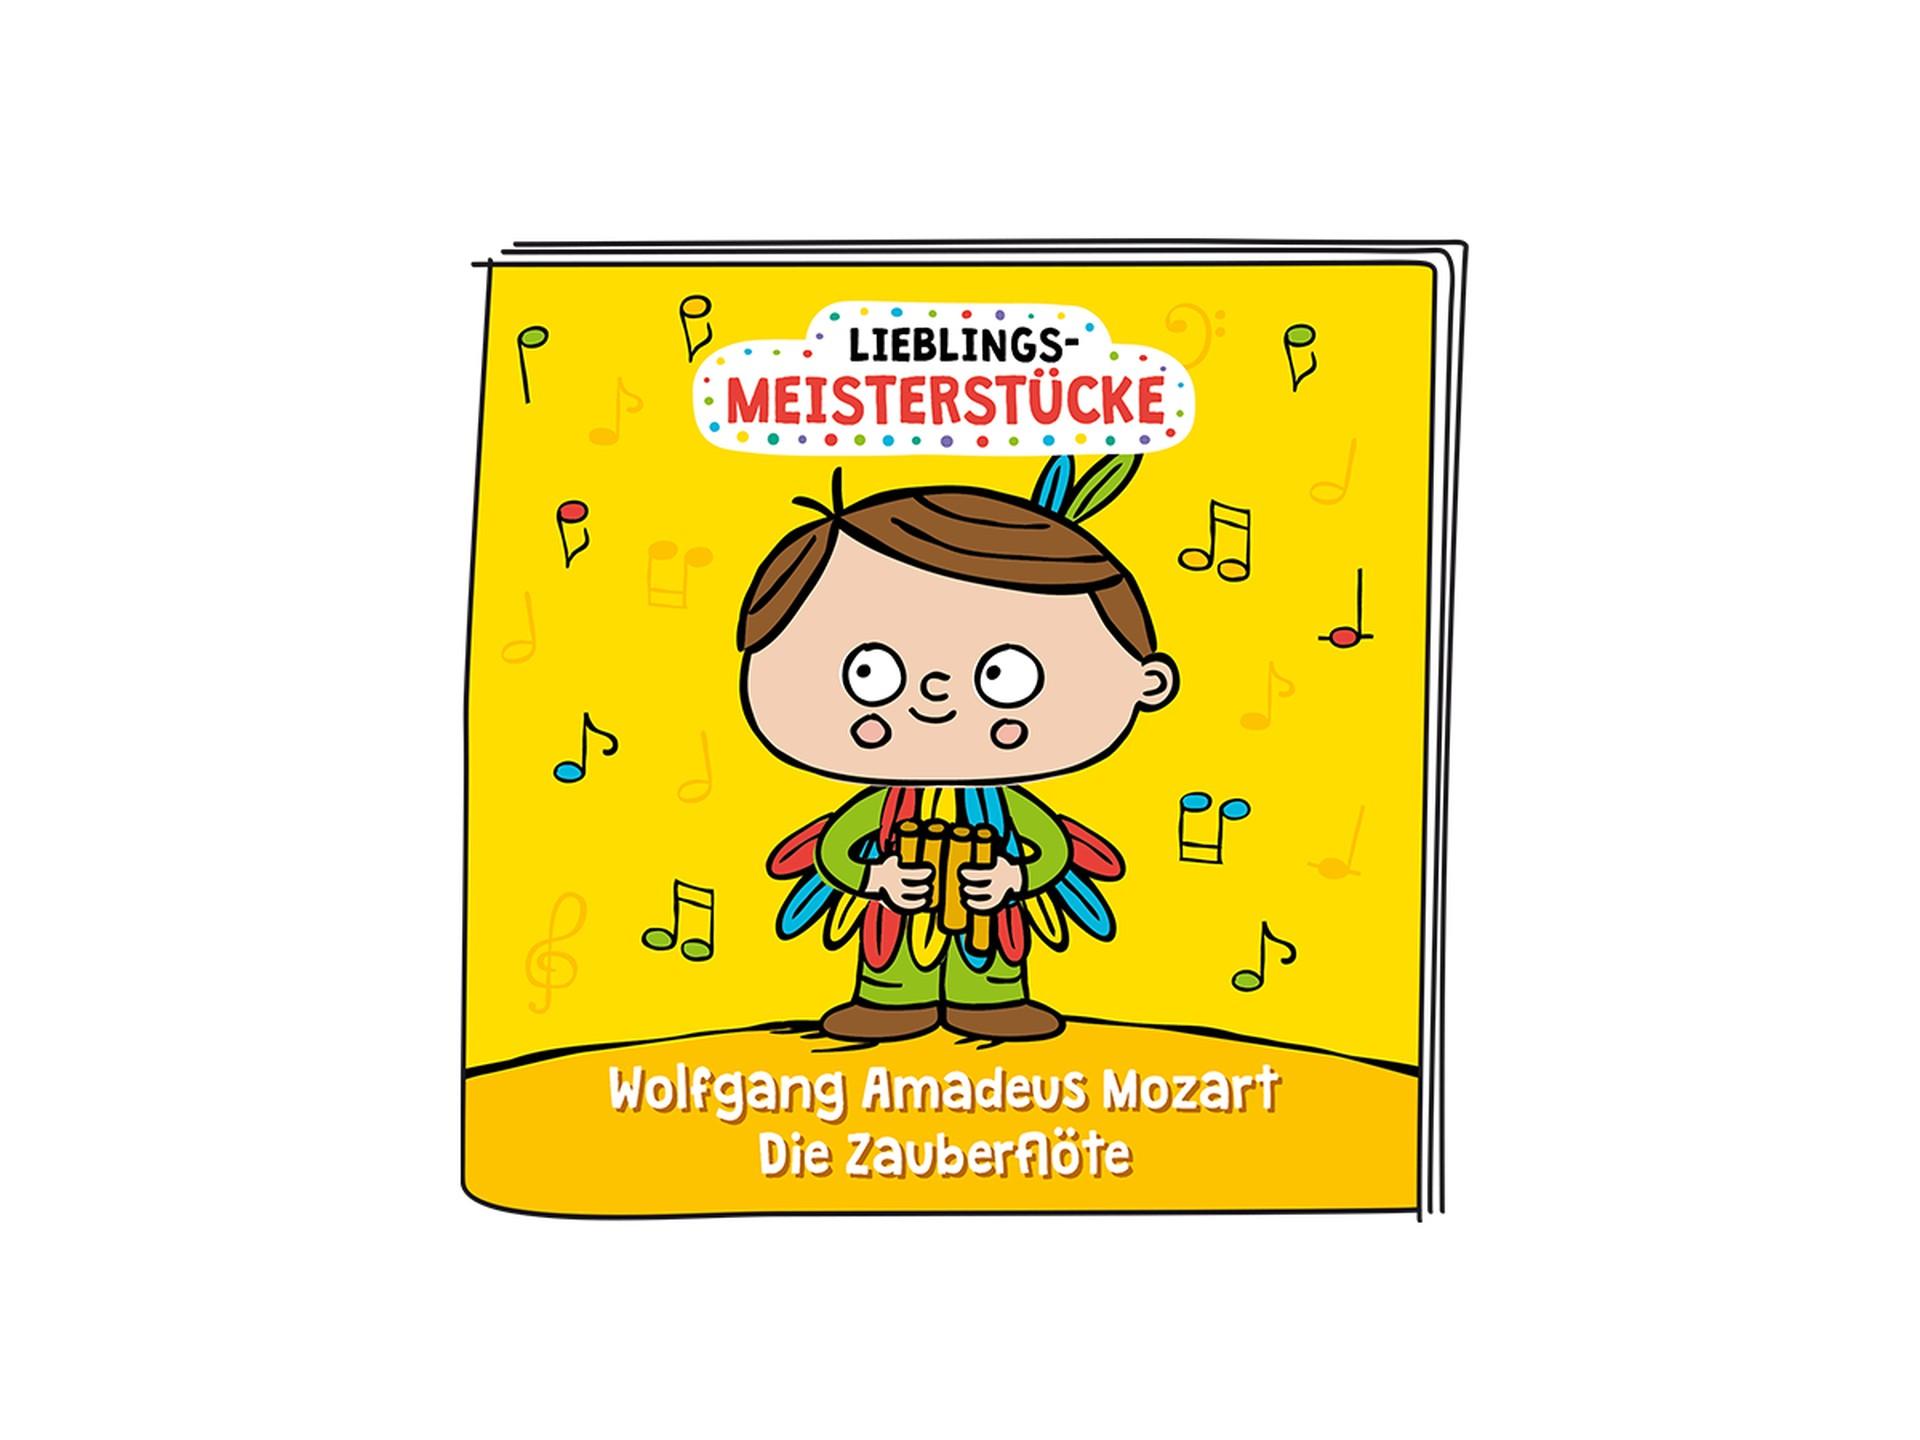 10000259 - Tonies - Lieblings-Meisterstücke - Die Zauberflöte